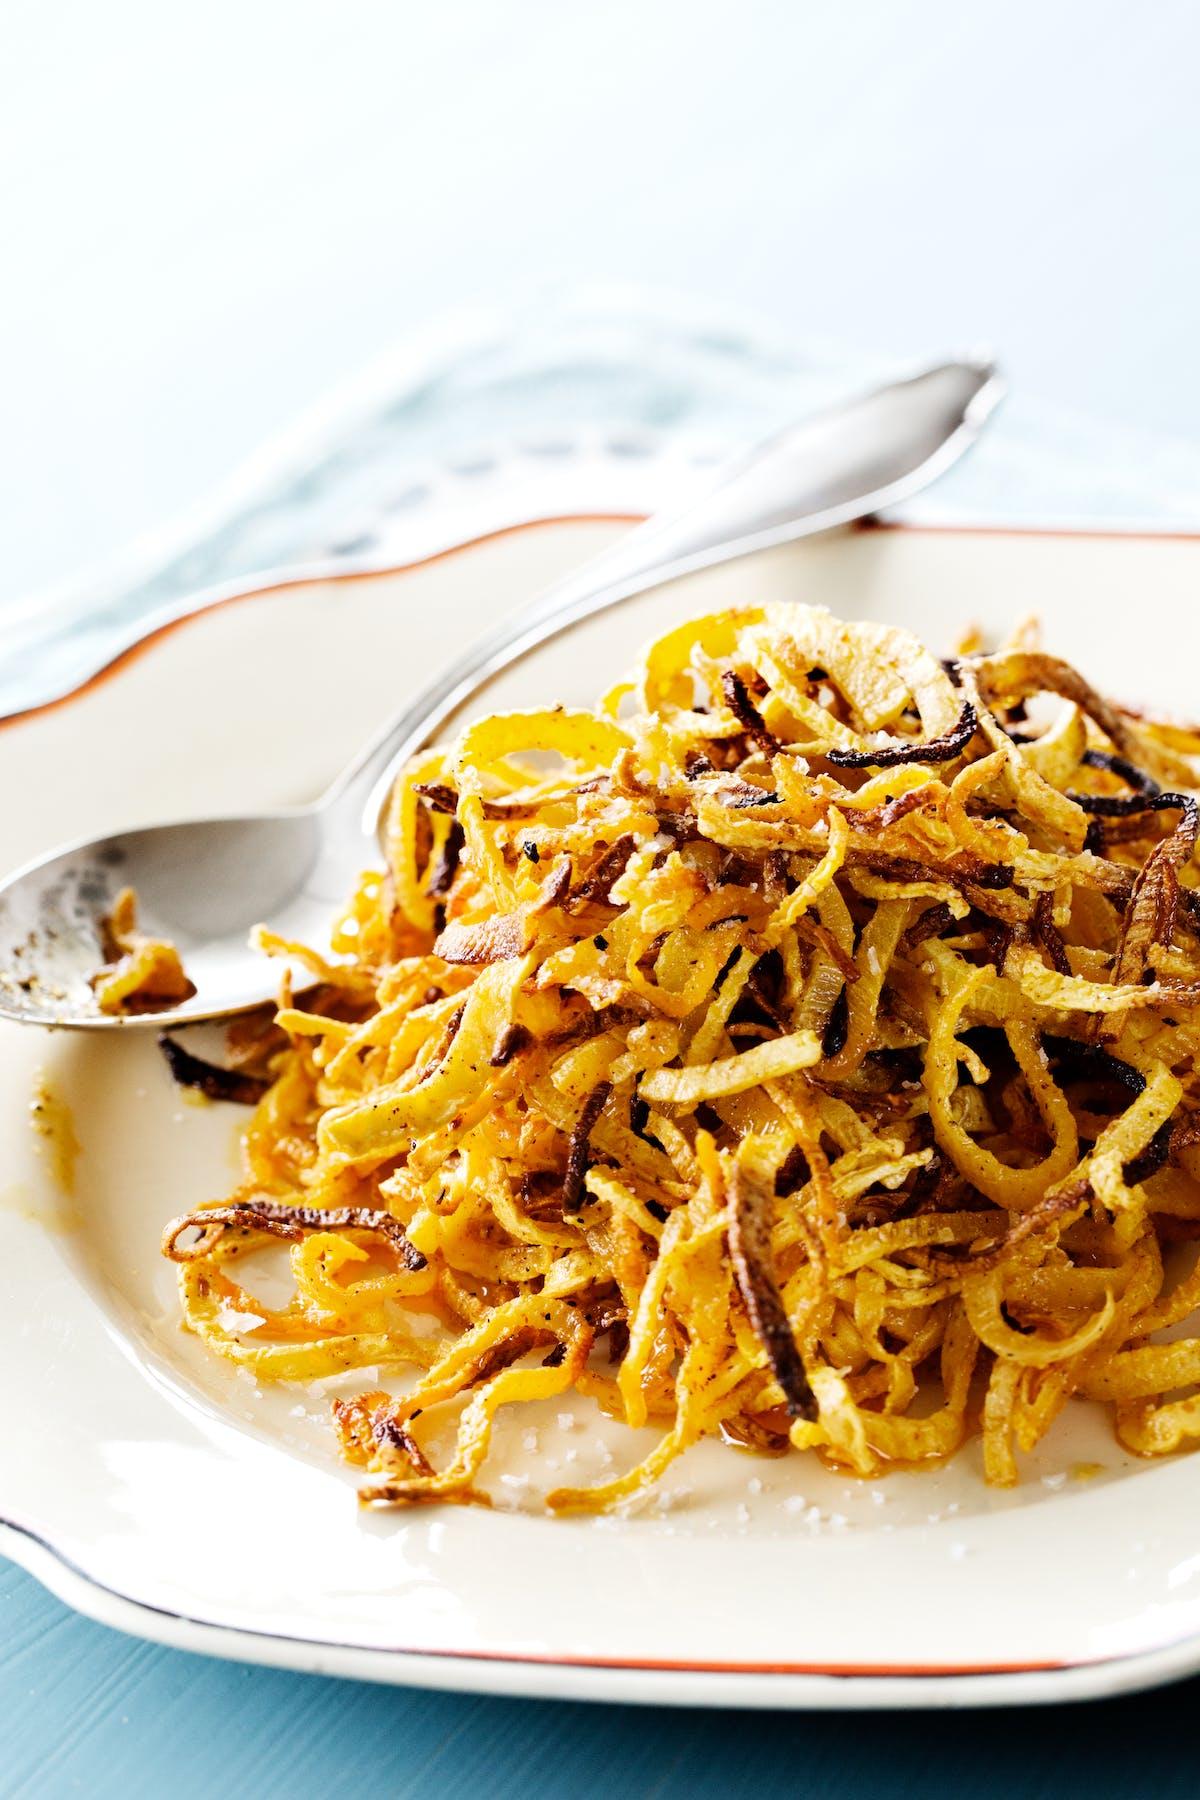 Deliciosos rizos de colinabo bajos en carbos